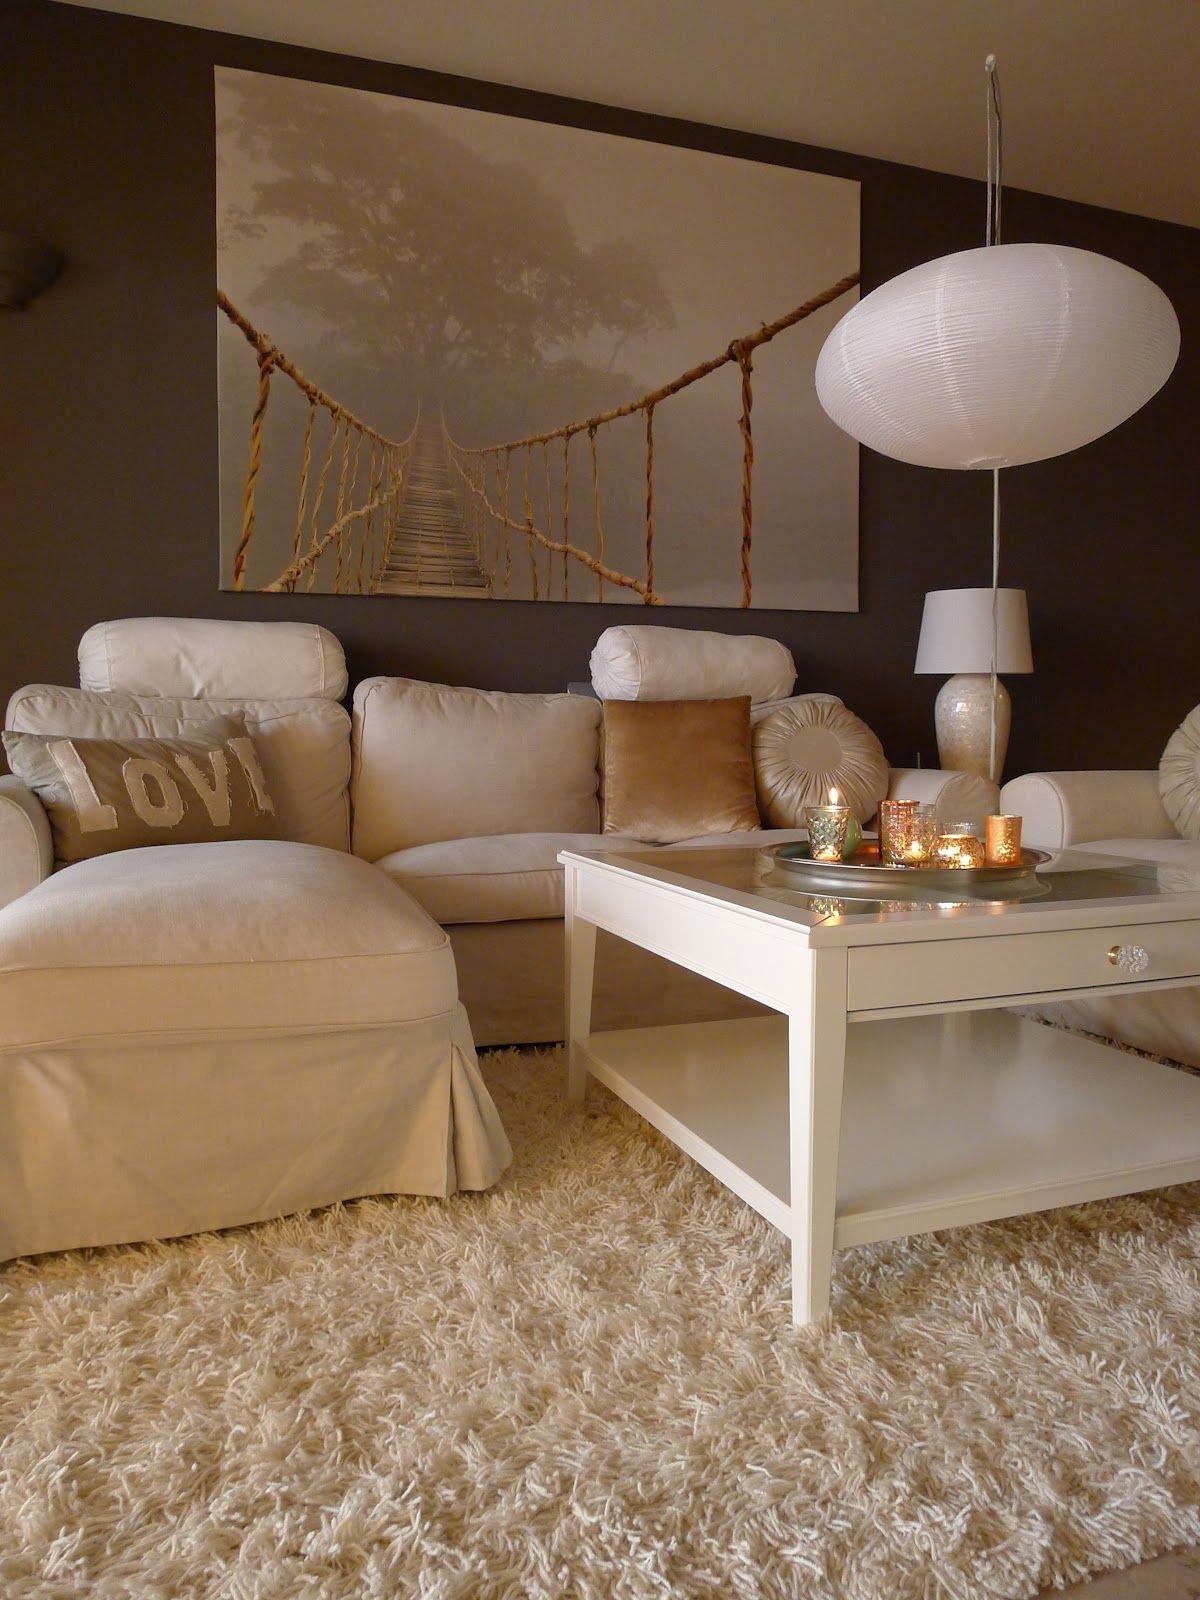 Wohndesign schlafzimmer einfach  bilder zu home auf pinterest  rote schlafzimmer grau und